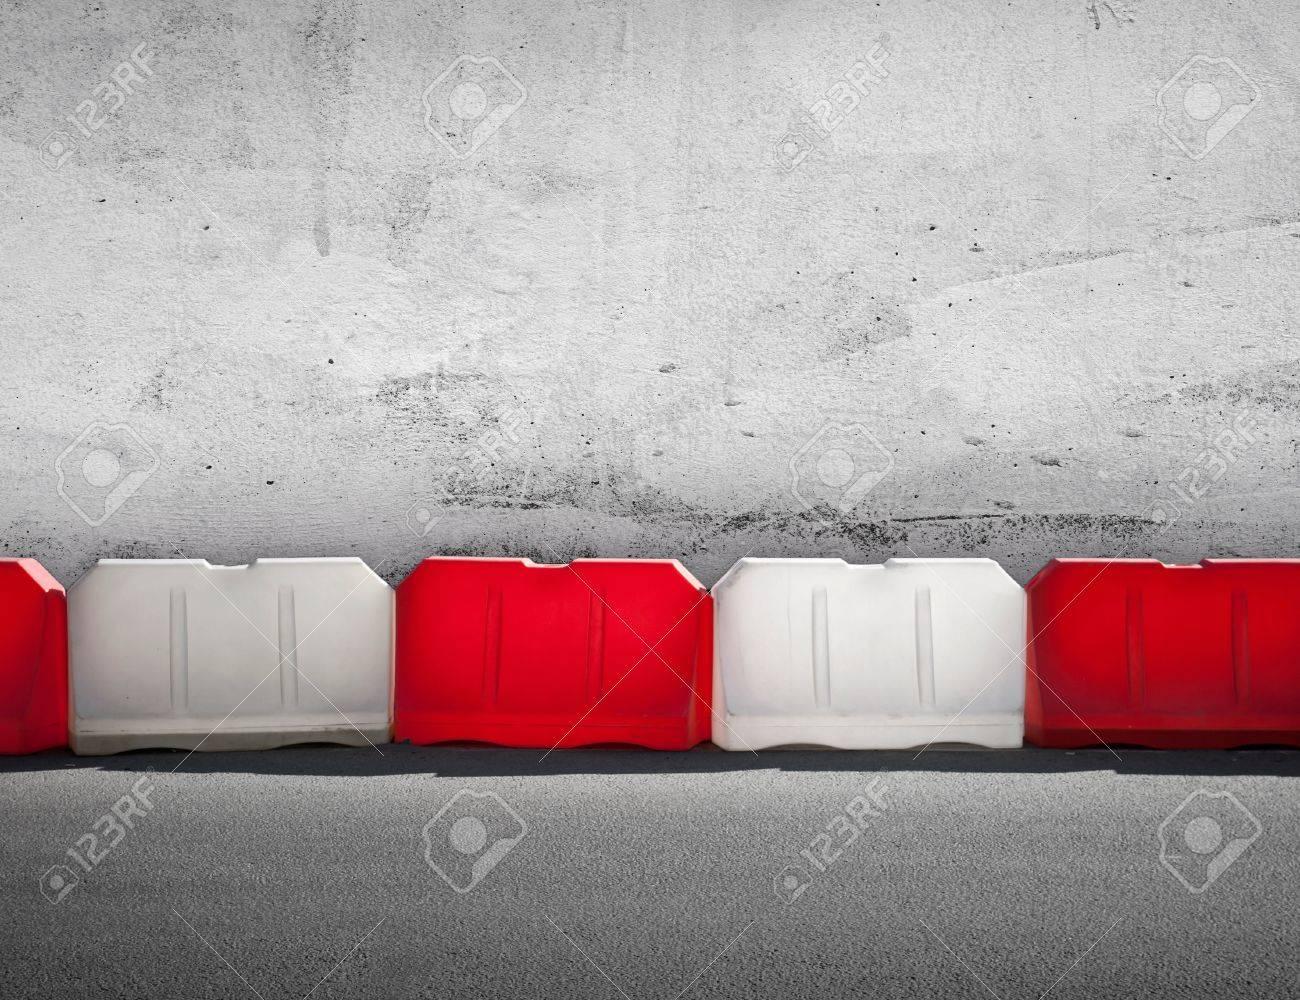 Rote Und Weiße Schranke Vor Betonwand Lizenzfreie Fotos, Bilder Und ...